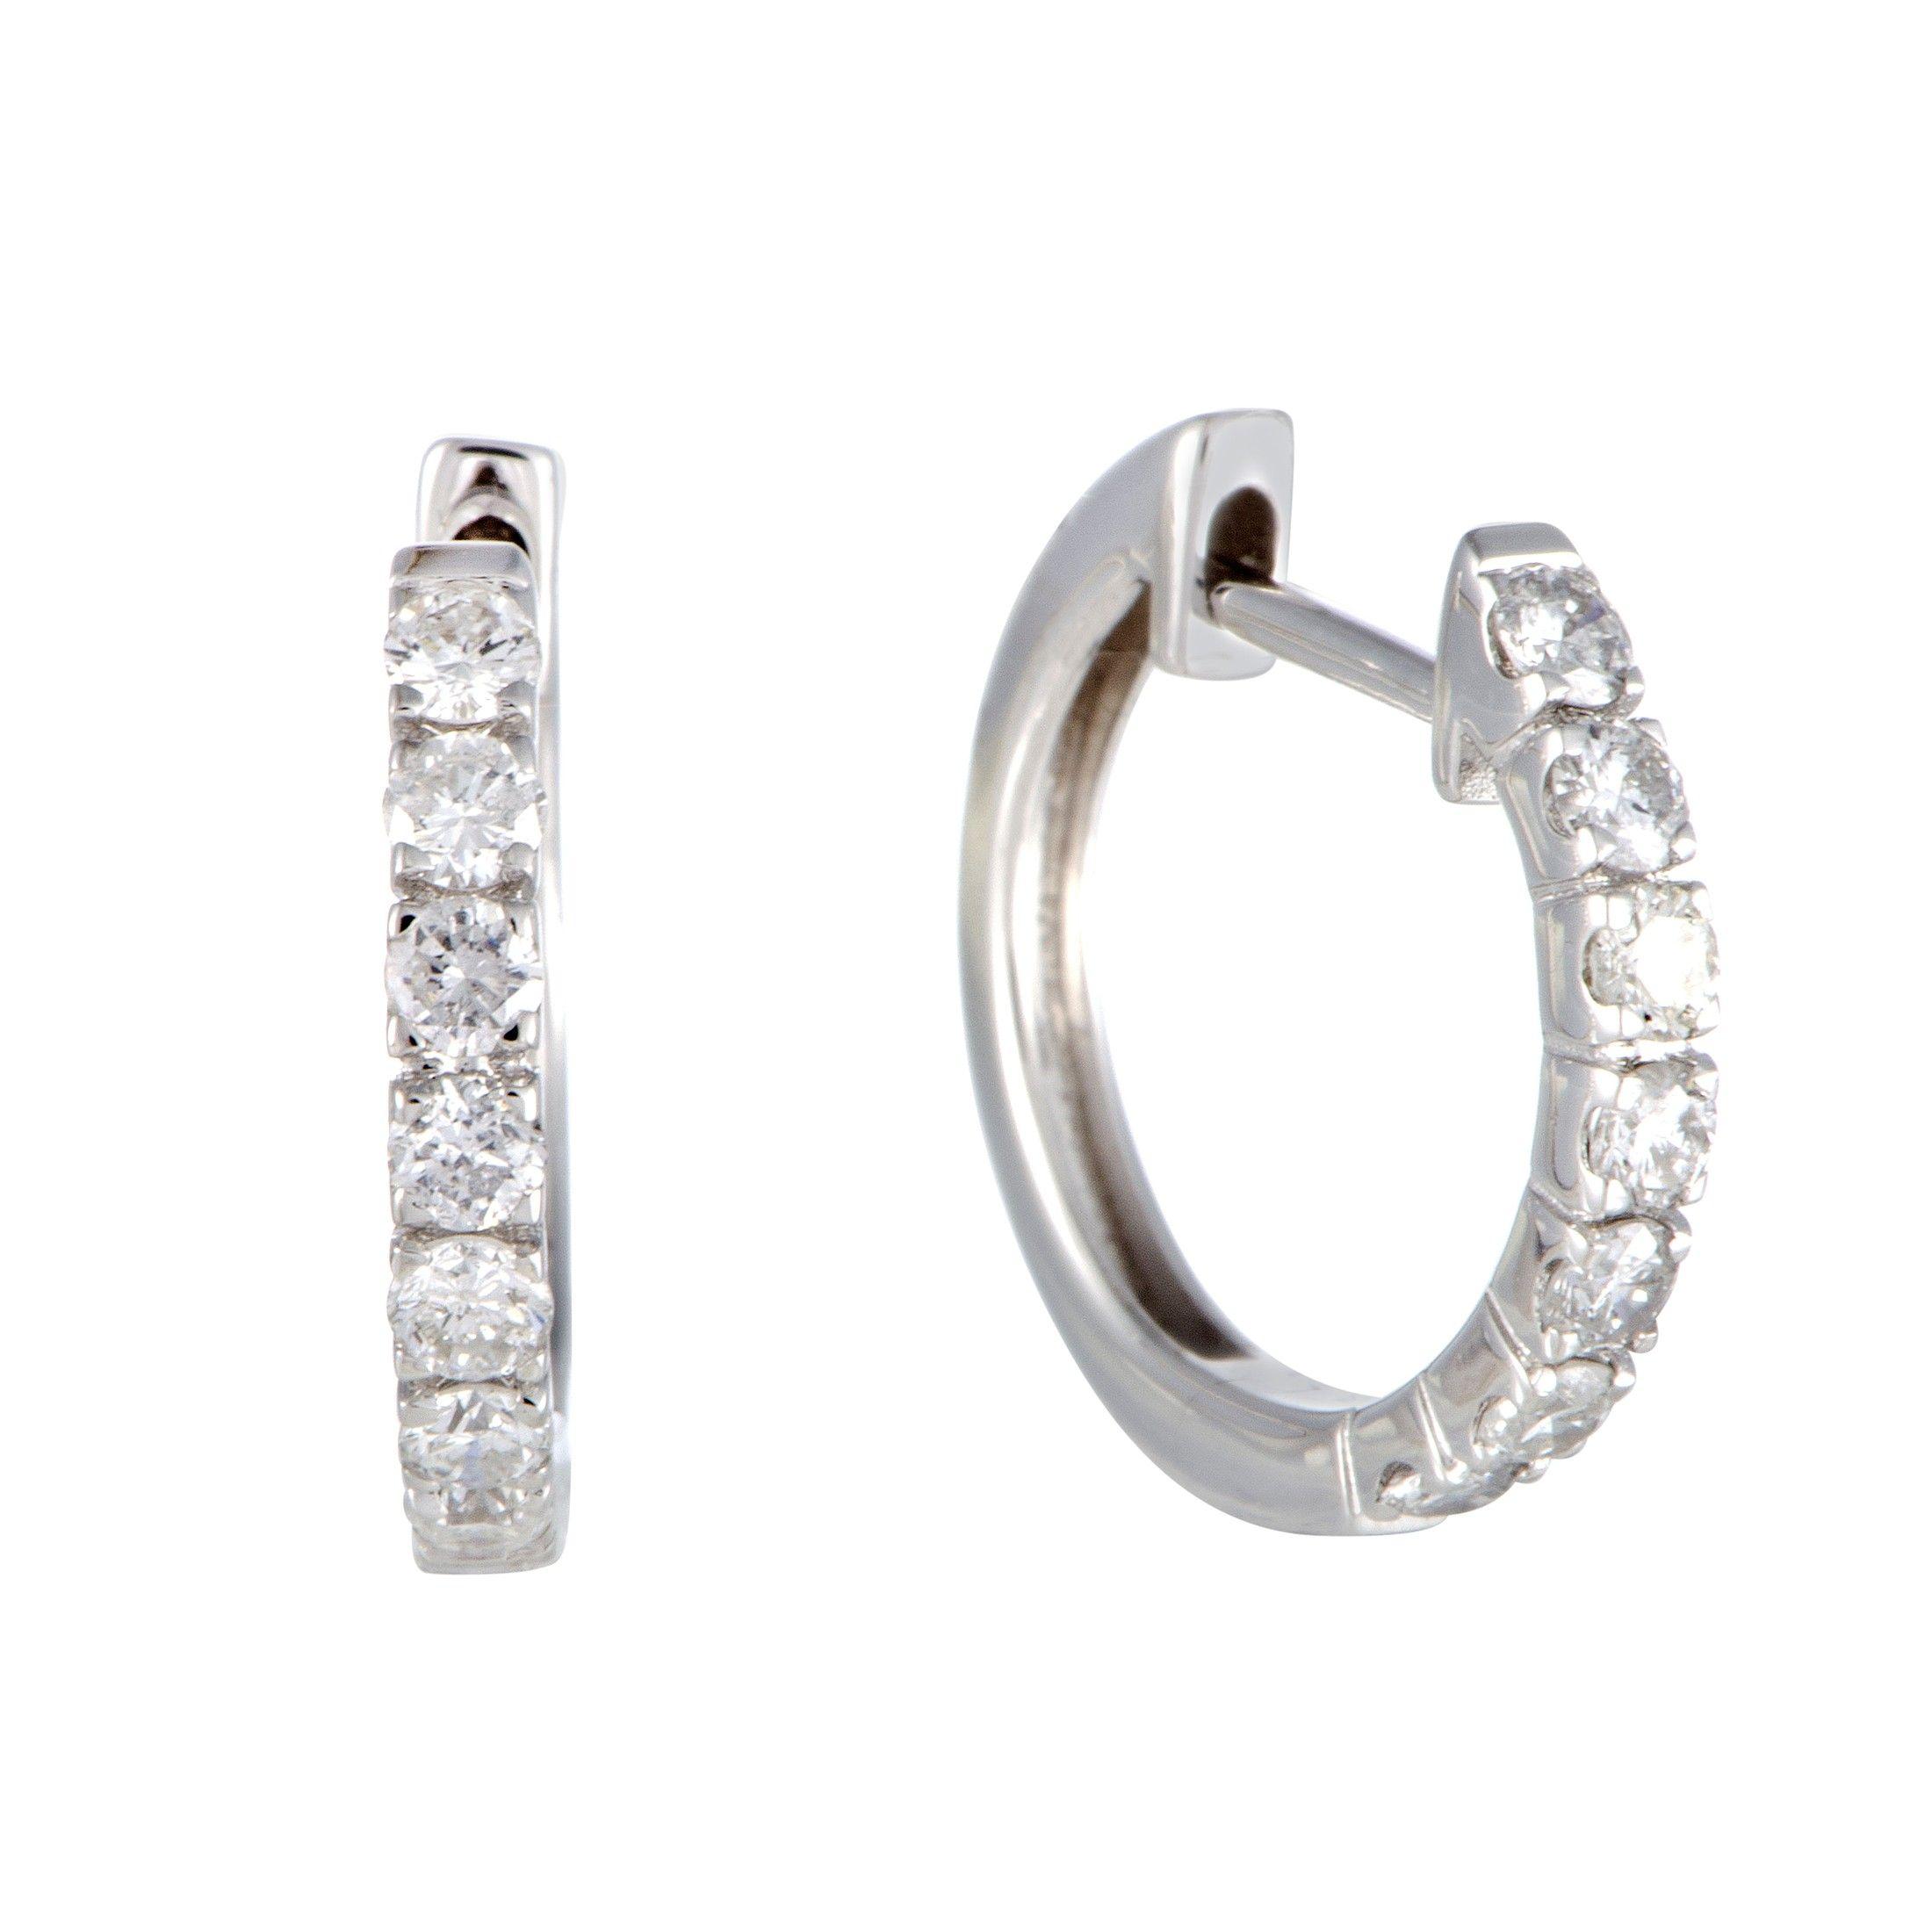 75ct Small 14k White Gold Diamond Hoop Earrings